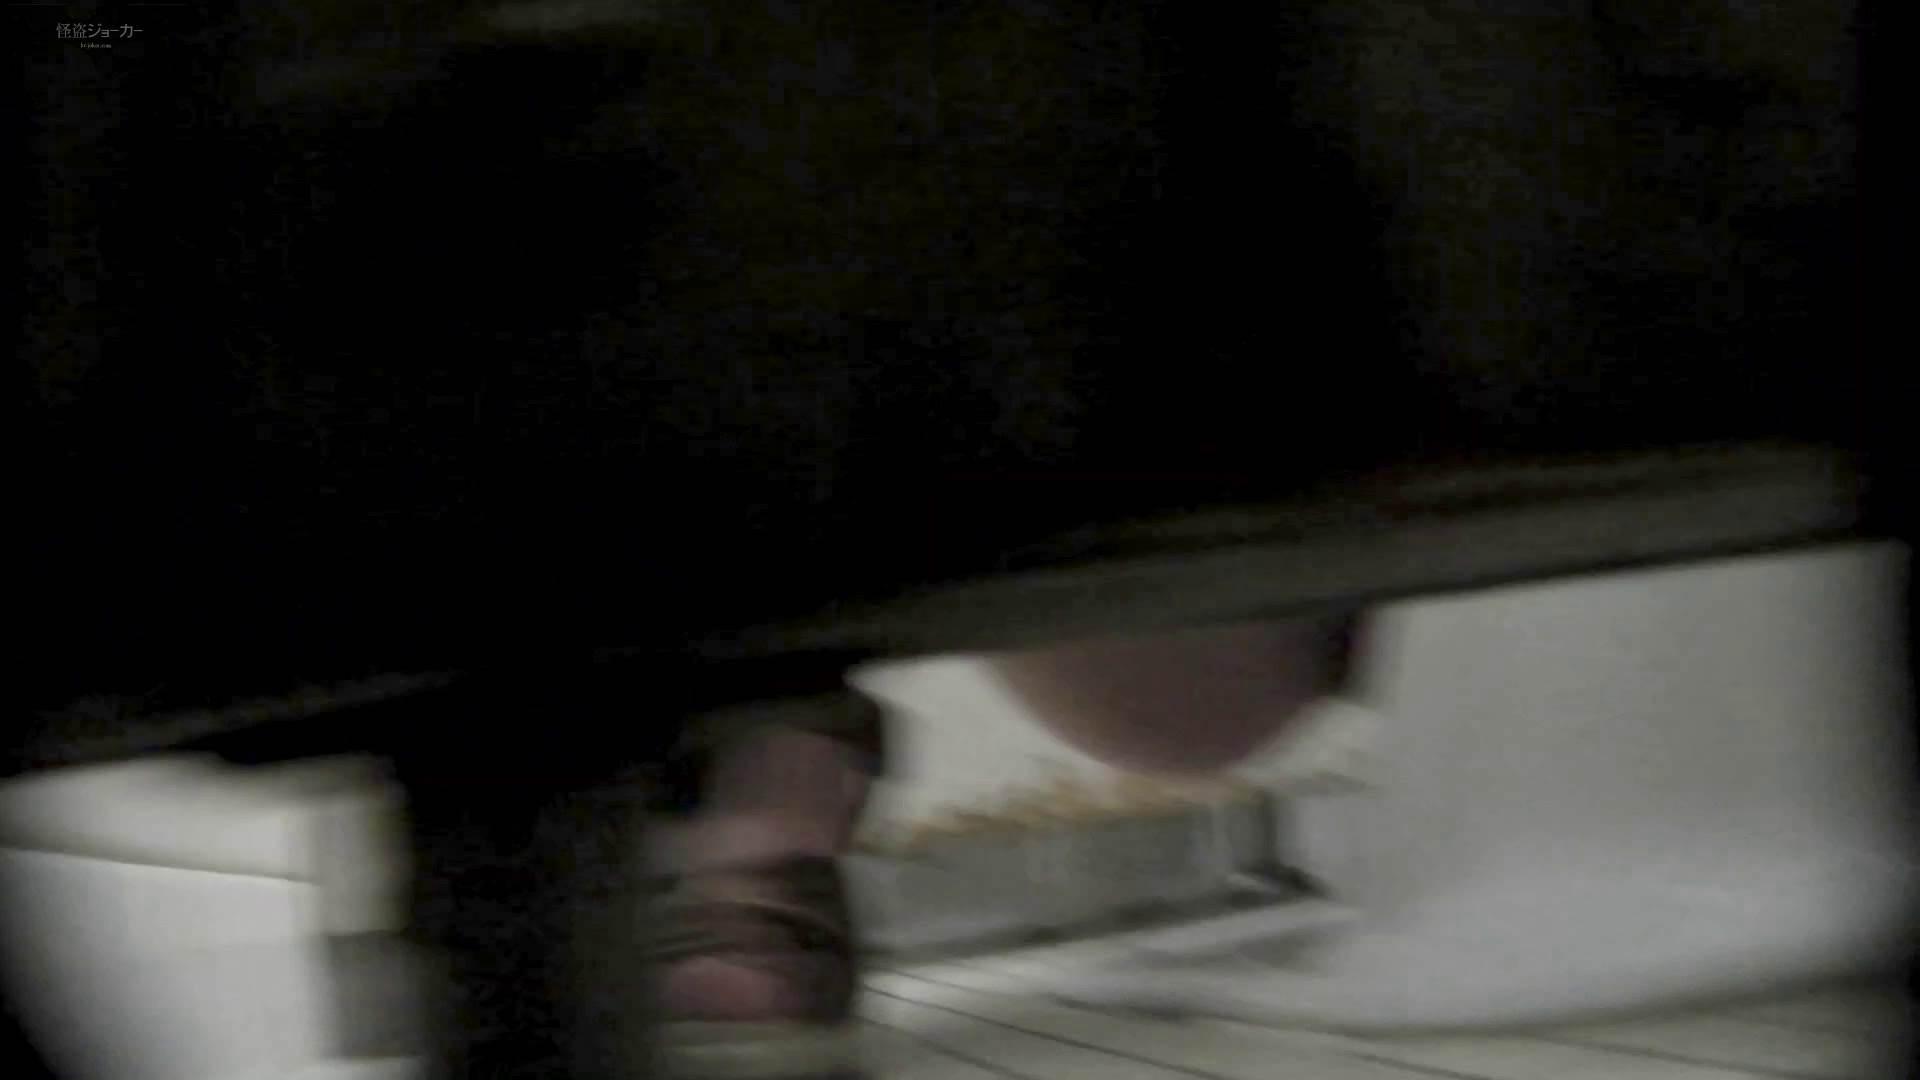 洗面所特攻隊 vol.64 運動不足?繊維不足?いやいや水分不足? 洗面所シーン   ギャルズ  108画像 85